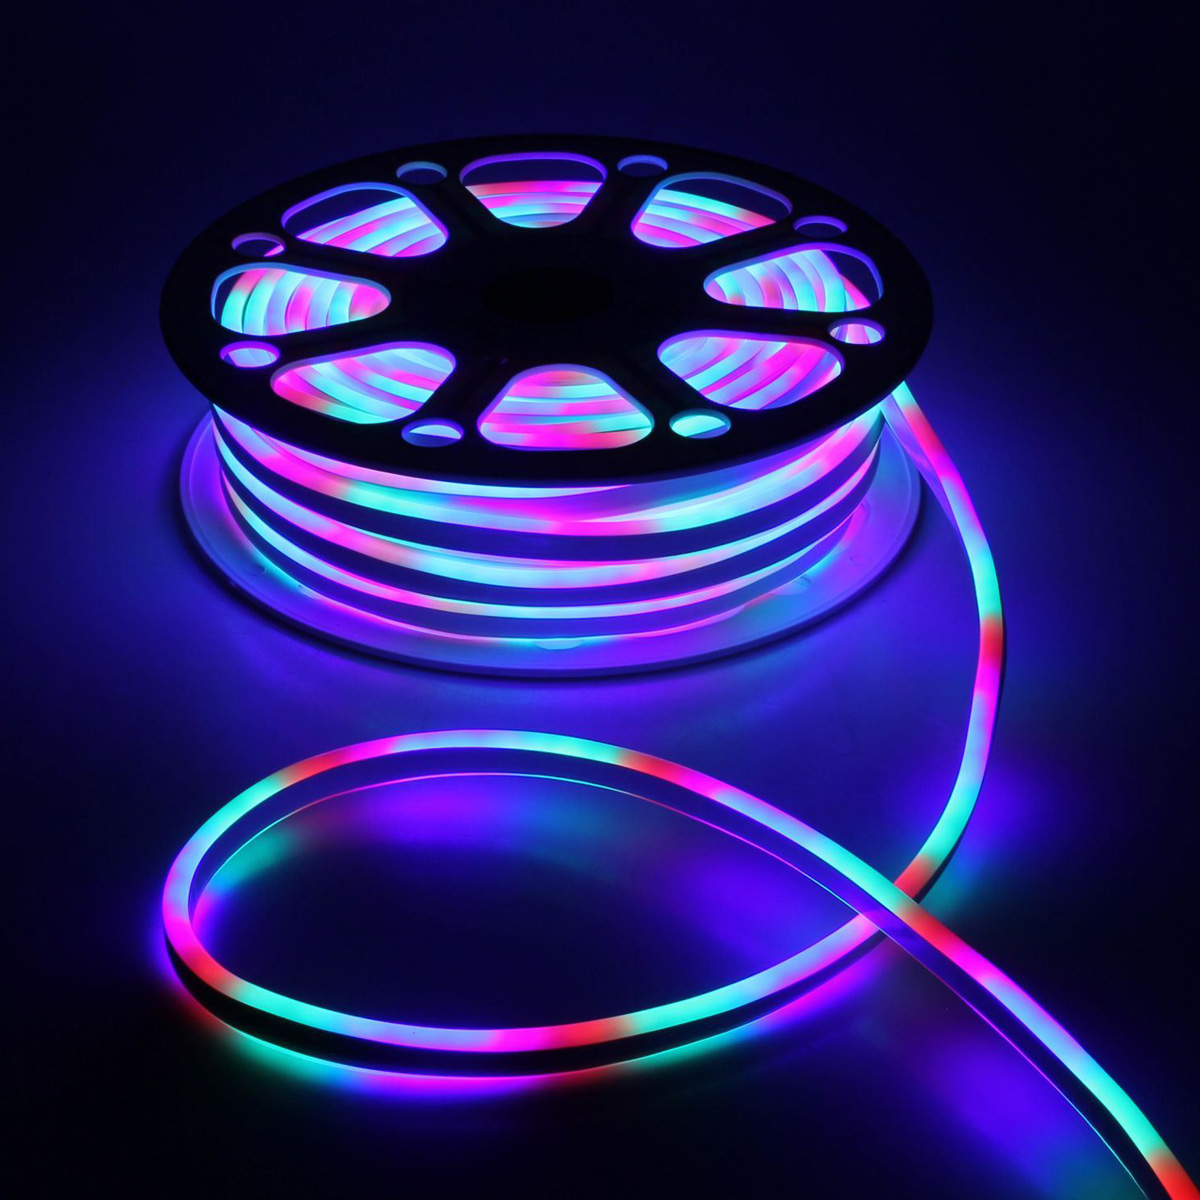 Гирлянда светодиодная Luazon, 120 ламп, 220 V, цвет: мультиколор, 0,8 см х 1,8 см х 25 м. 1431284677992Светодиодные гирлянды, ленты и т.д — это отличный вариант для новогоднего оформления интерьера или фасада. С их помощью помещение любого размера можно превратить в праздничный зал, а внешние элементы зданий, украшенные ими, мгновенно станут напоминать очертания сказочного дворца. Такие украшения создают ауру предвкушения чуда. Деревья, фасады, витрины, окна и арки будто специально созданы, чтобы вы украсили их светящимися нитями.